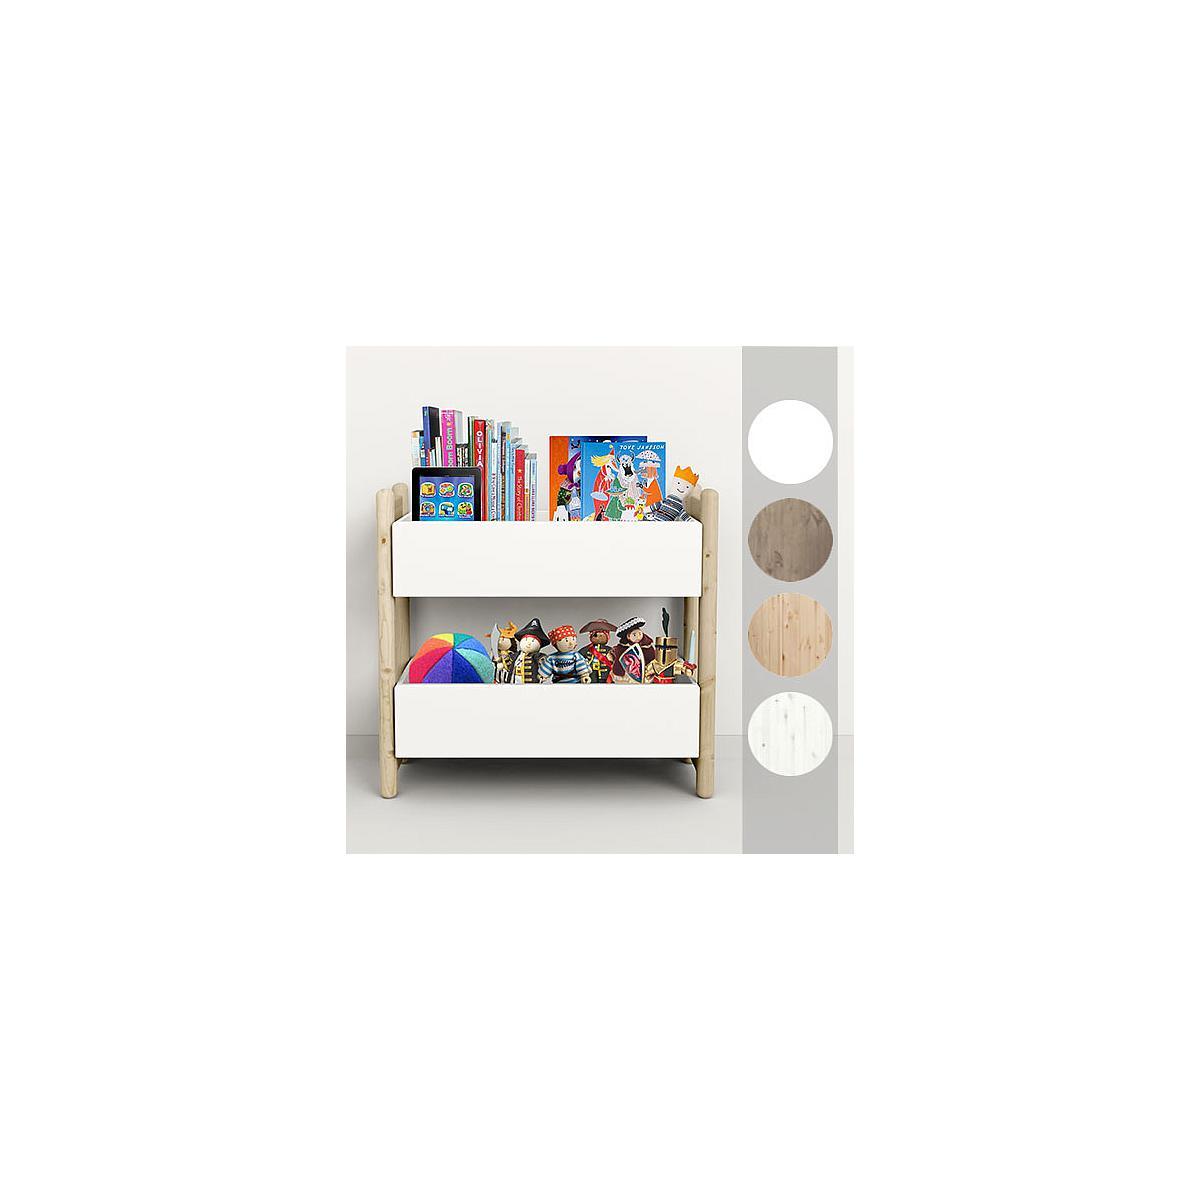 Mini E - Organizador 2 estantes 74 cm SHELFIE Flexa blanco